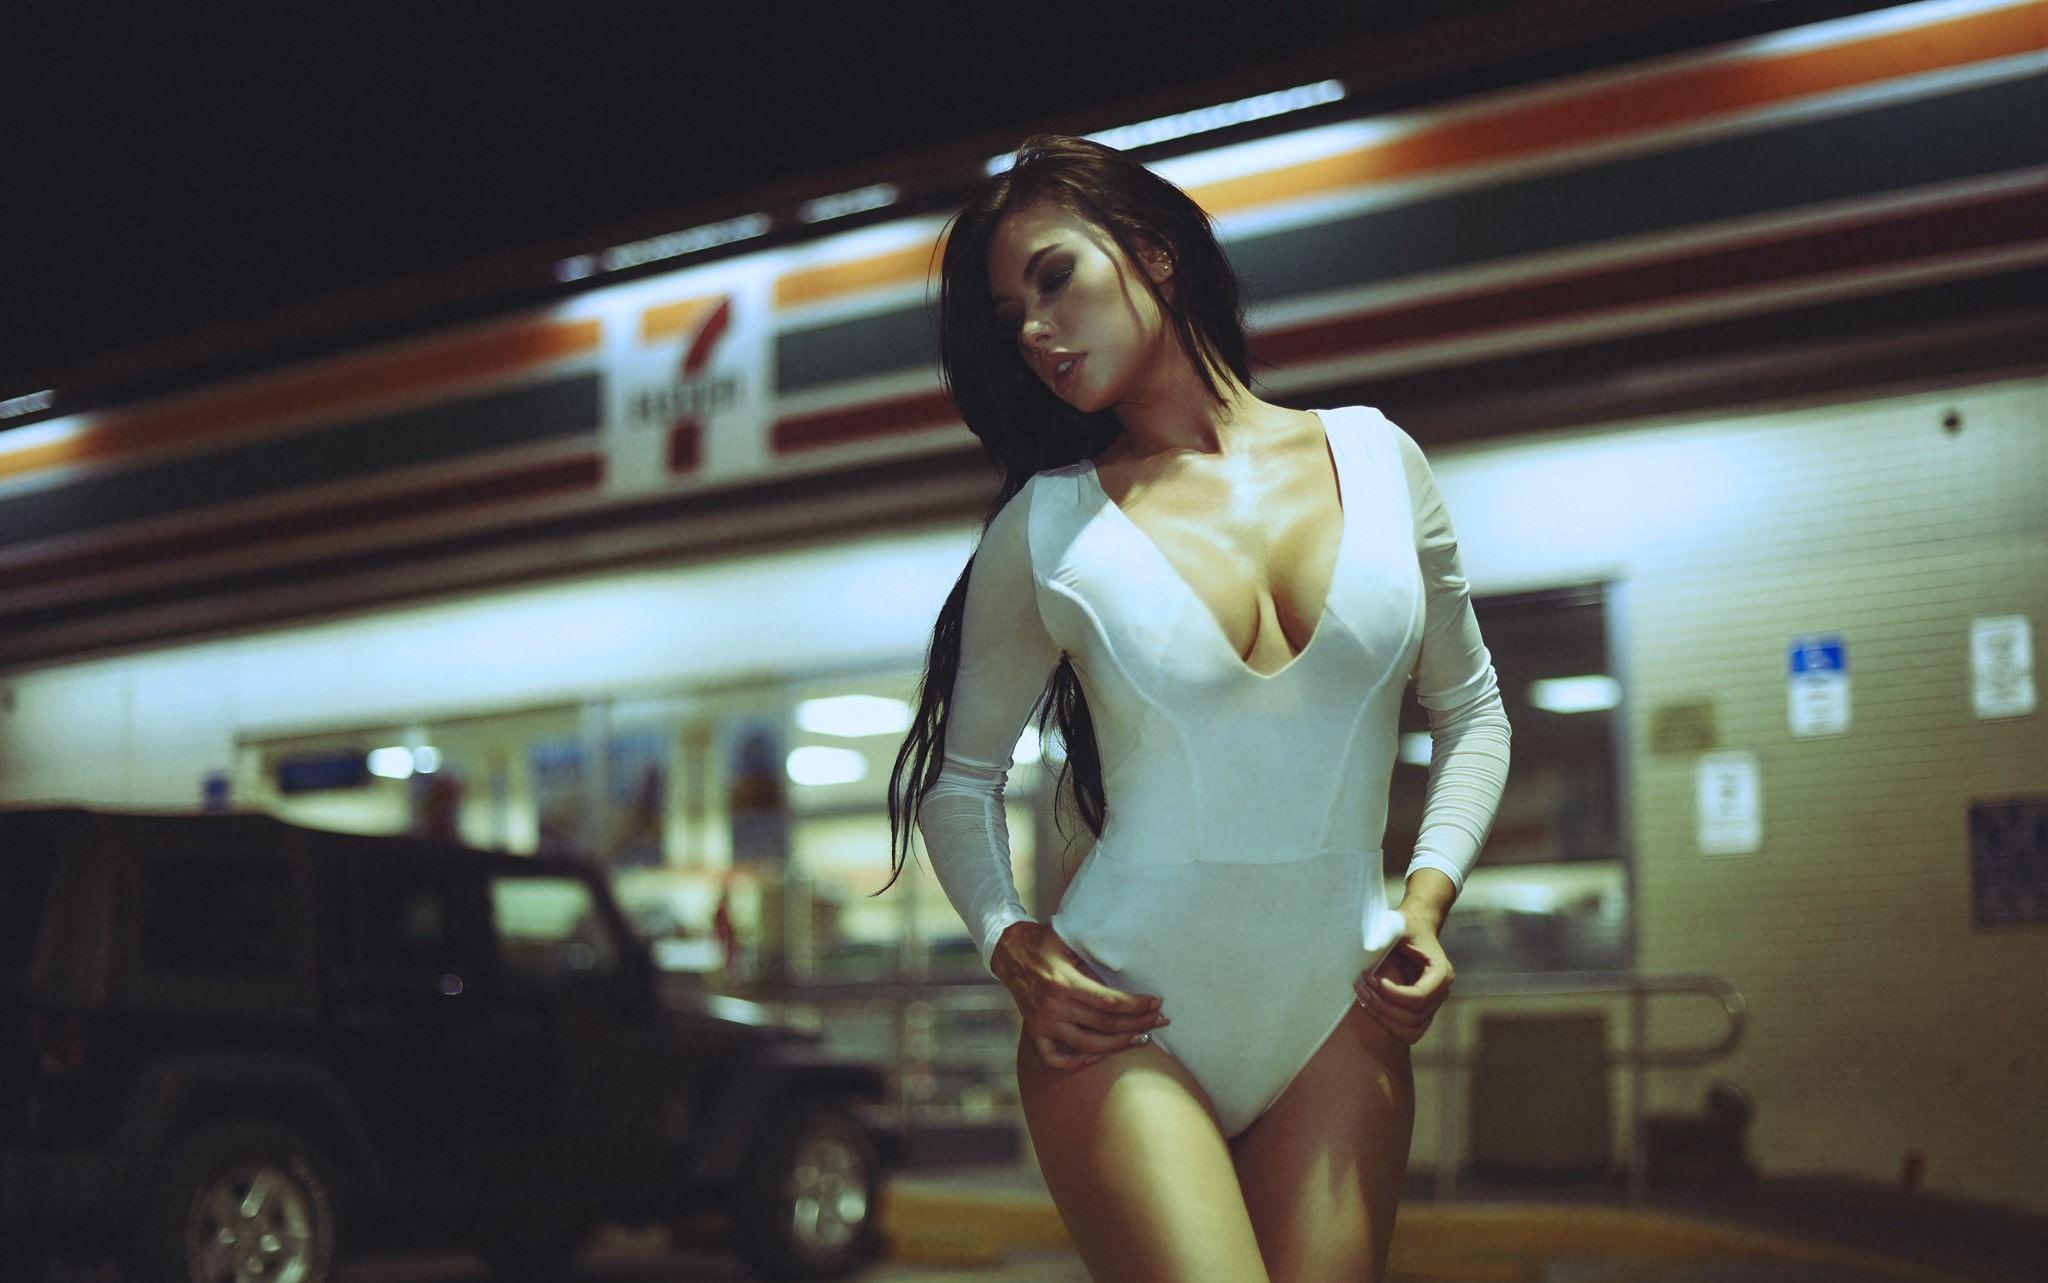 Фото Страстная девушка в белом боди, грудь взмокла, Гелентваген у магазина, скачать картинку бесплатно